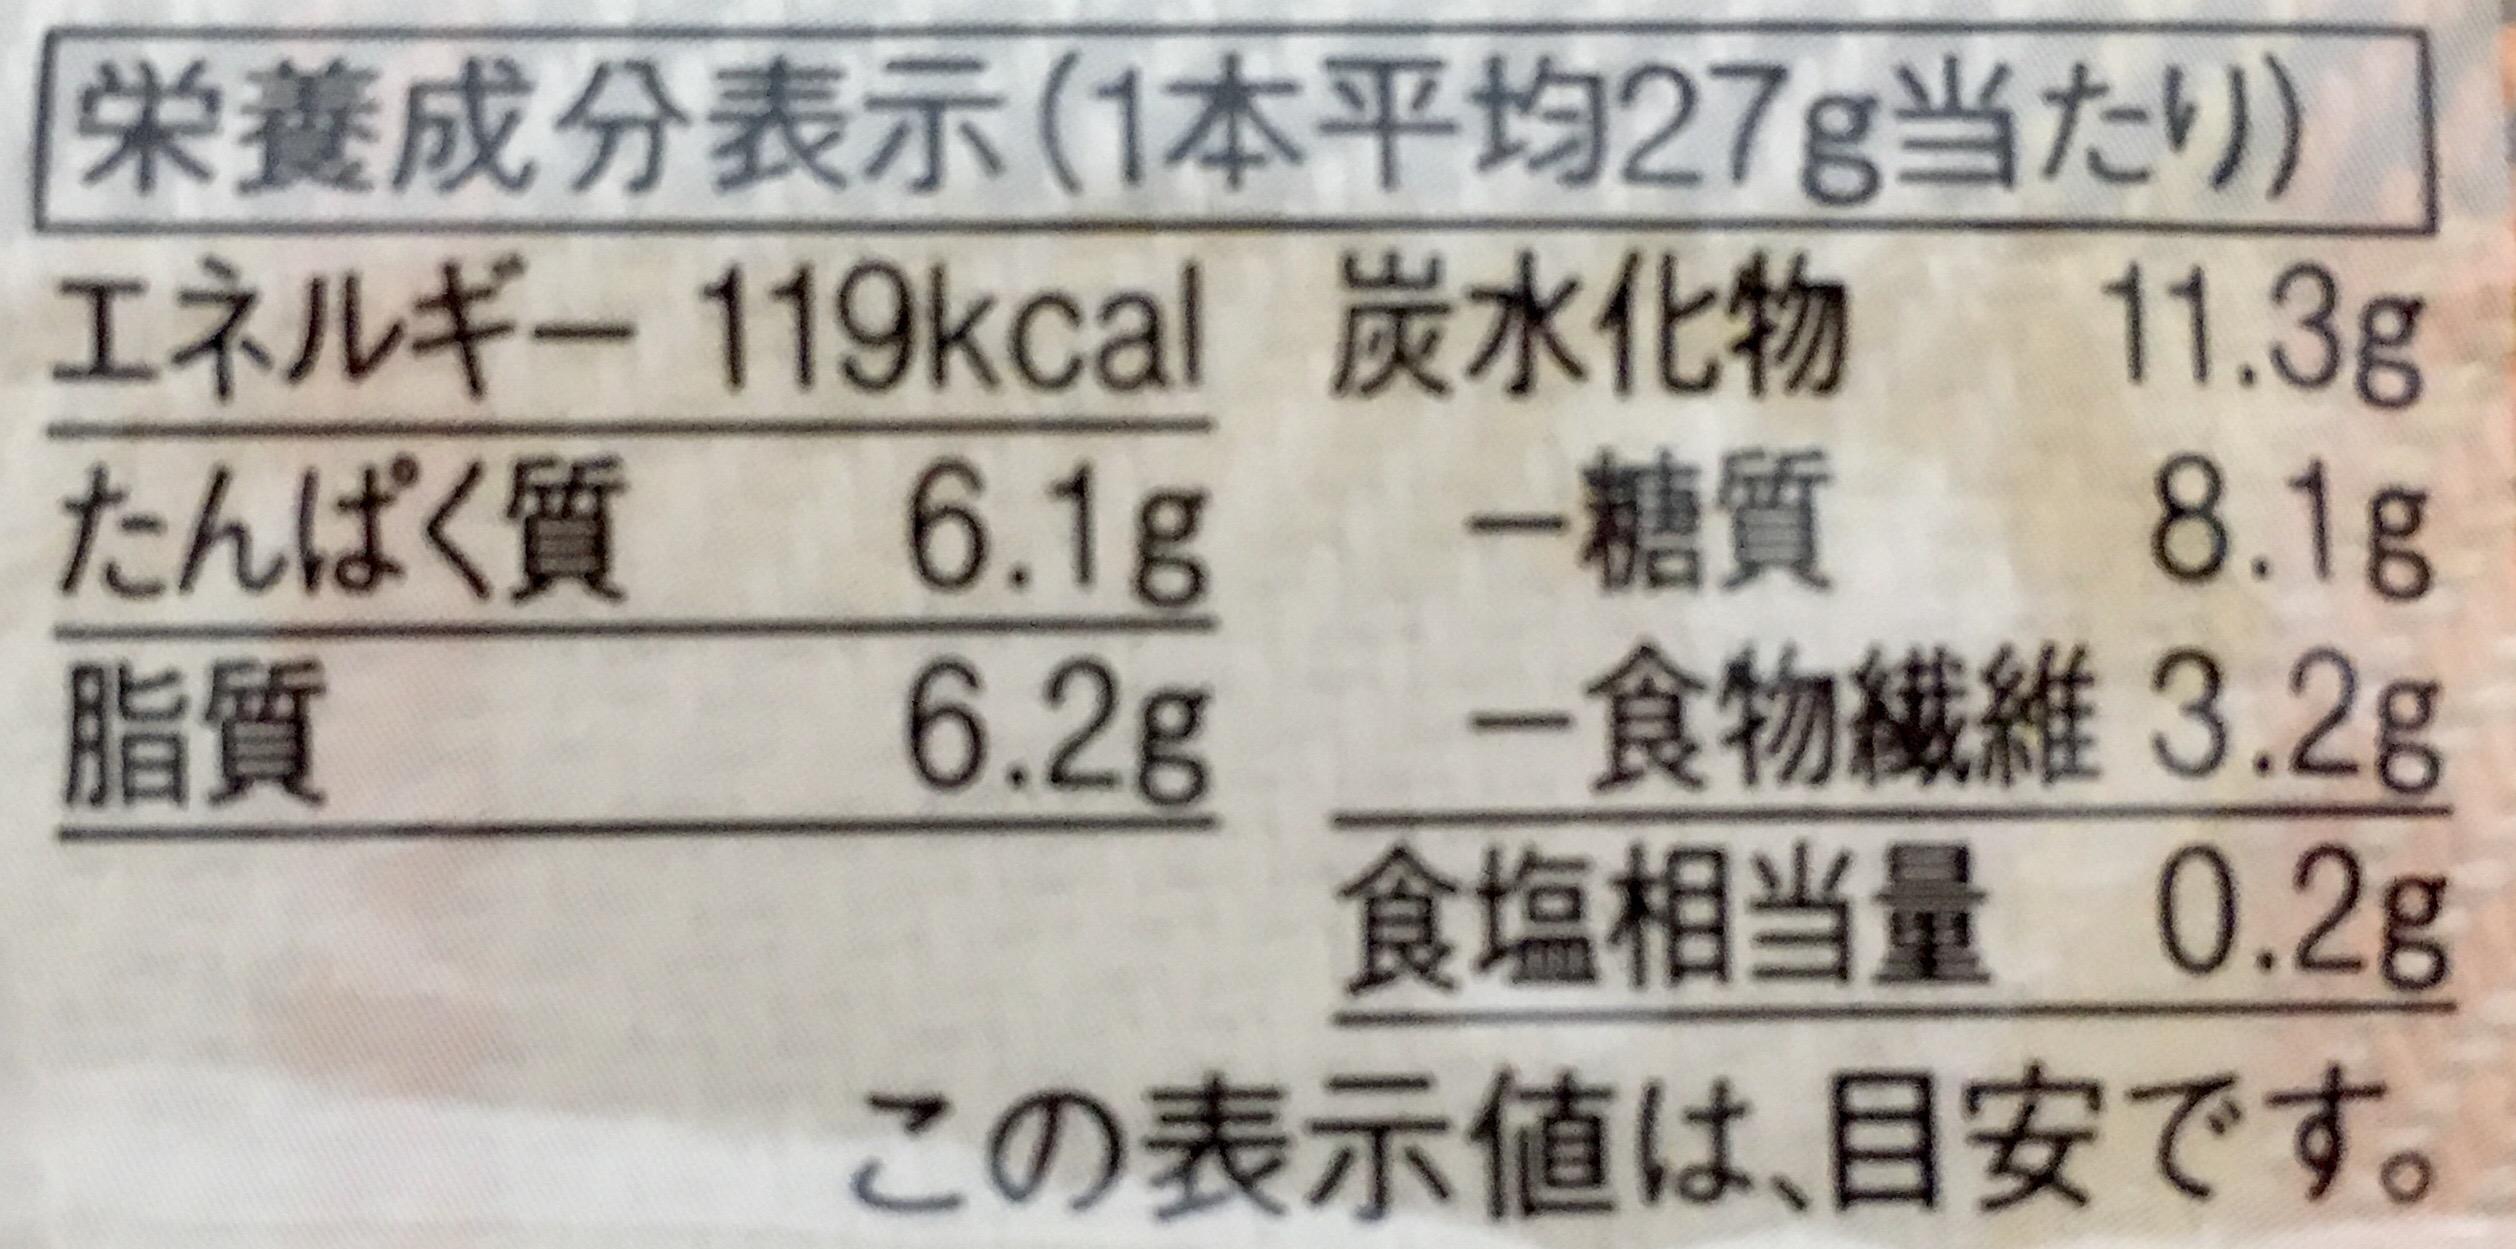 無印良品の糖質10g以下のお菓子 アップルの大豆バーの栄養成分表示